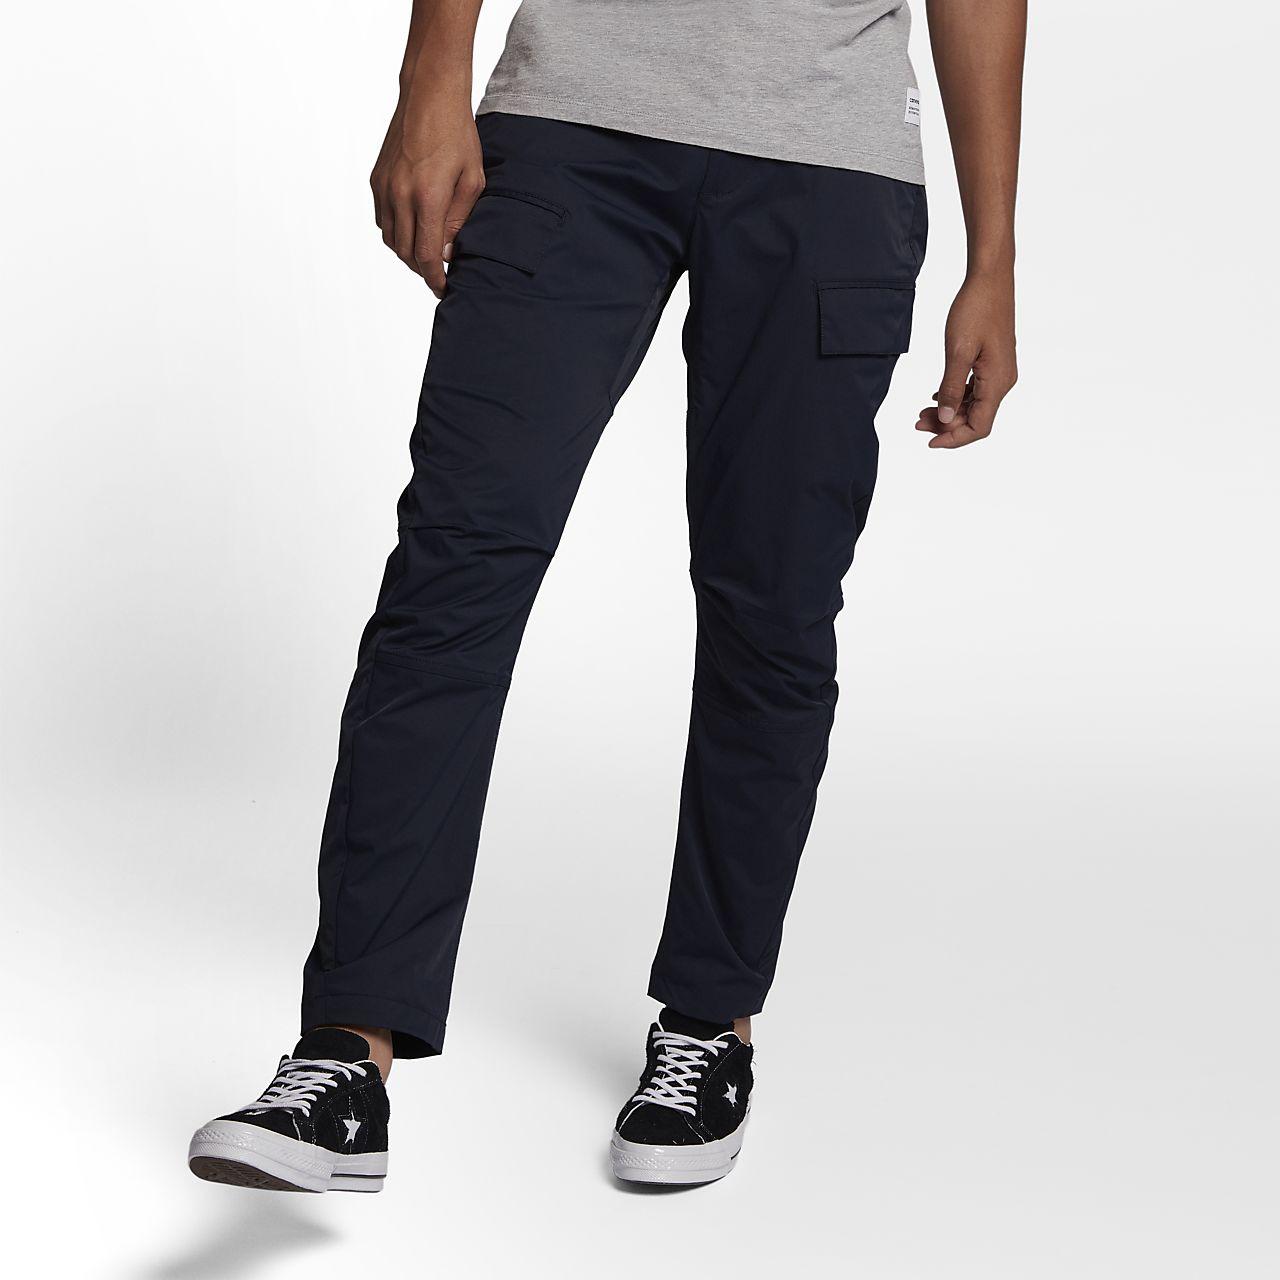 Converse Fleece Jogger Men's Sweatpants Black